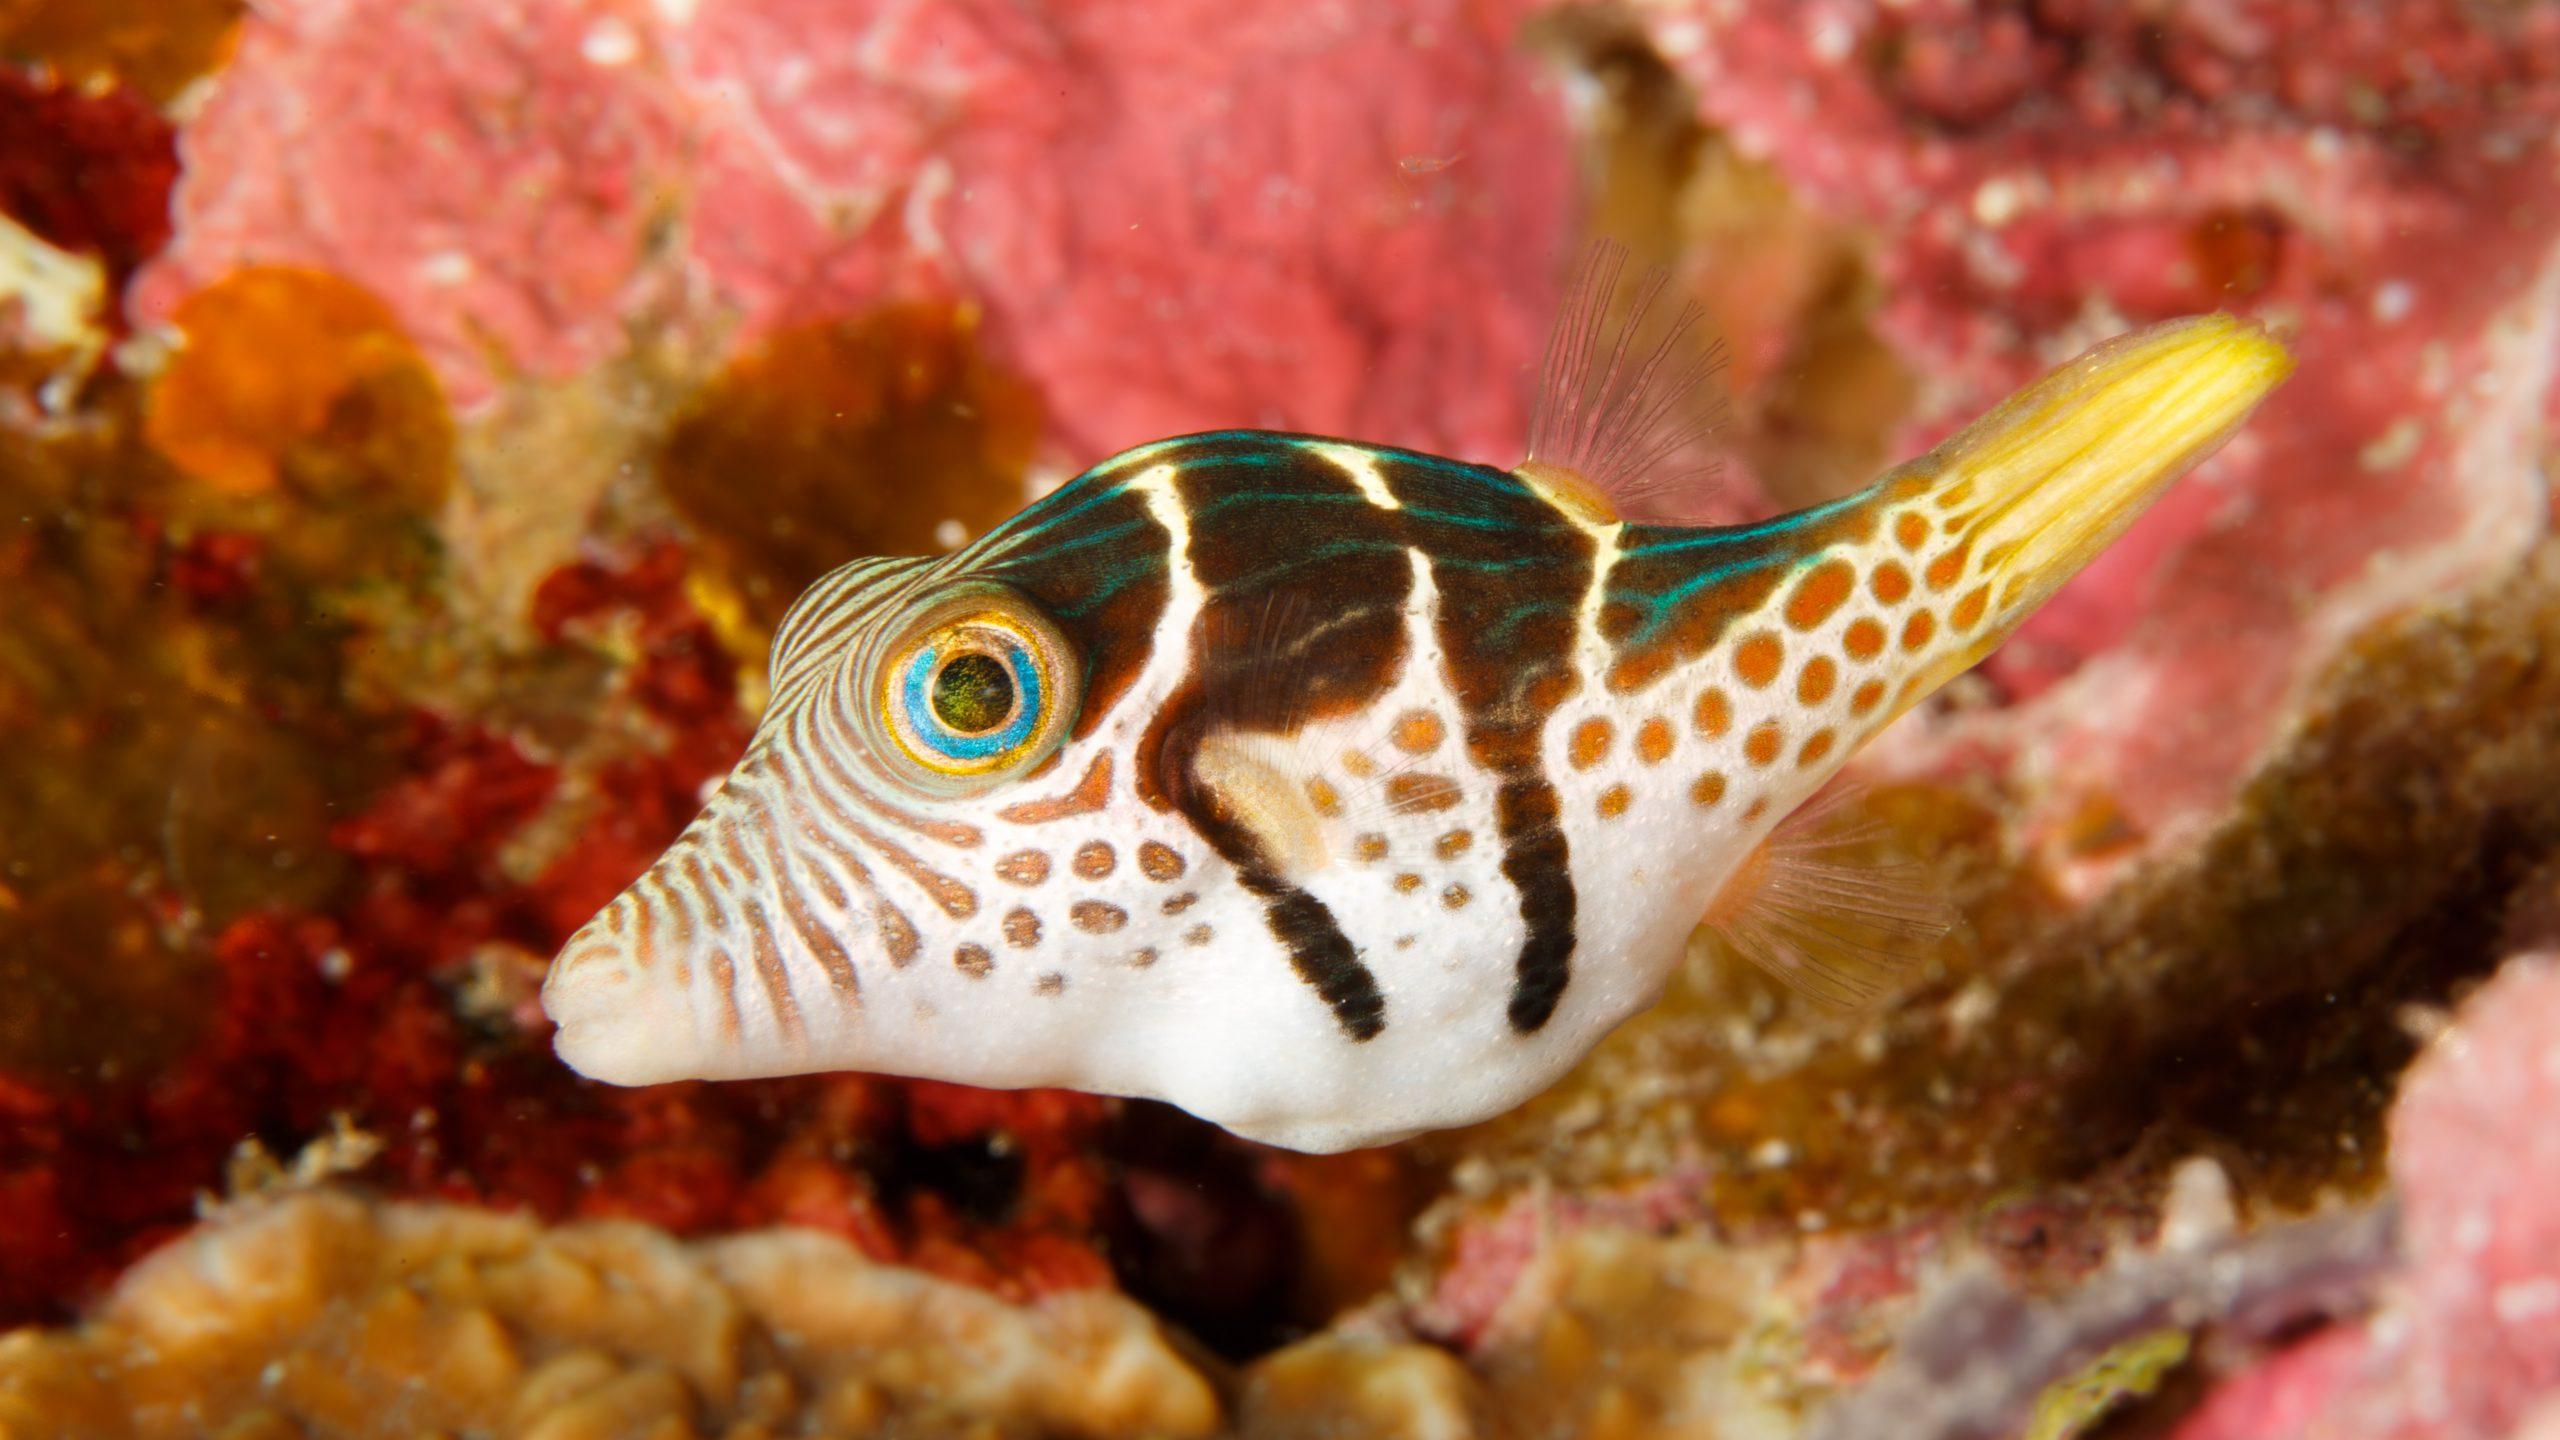 saddled pufferfish